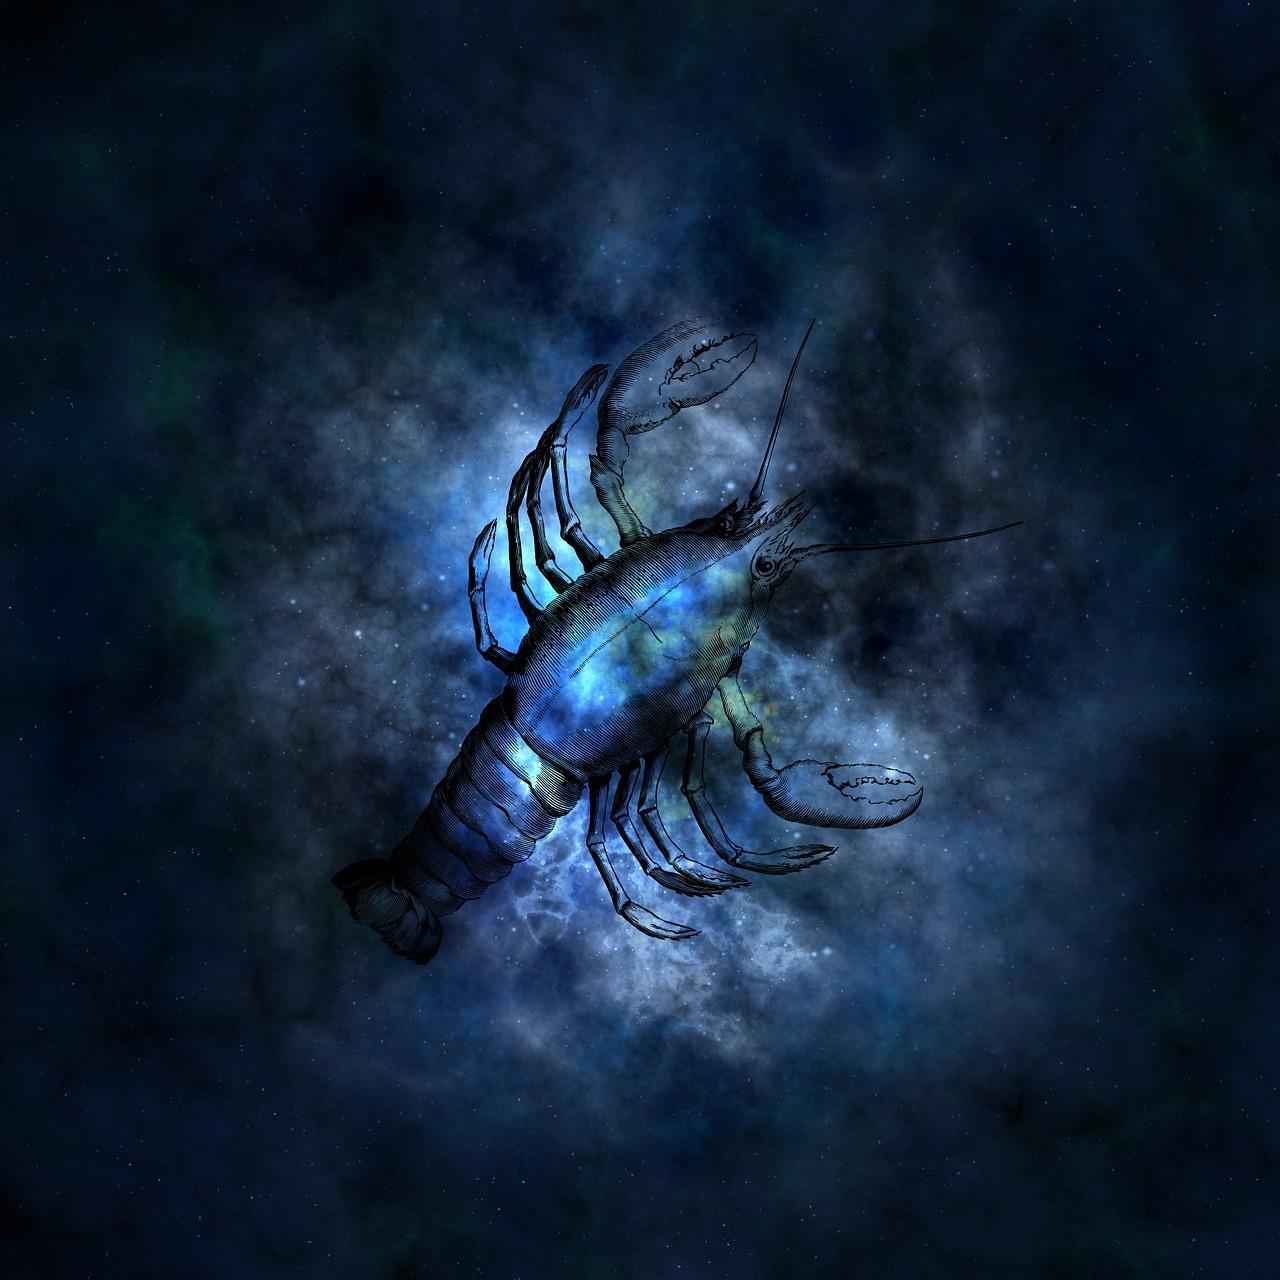 Horoskop - Horoskopski znak Rak